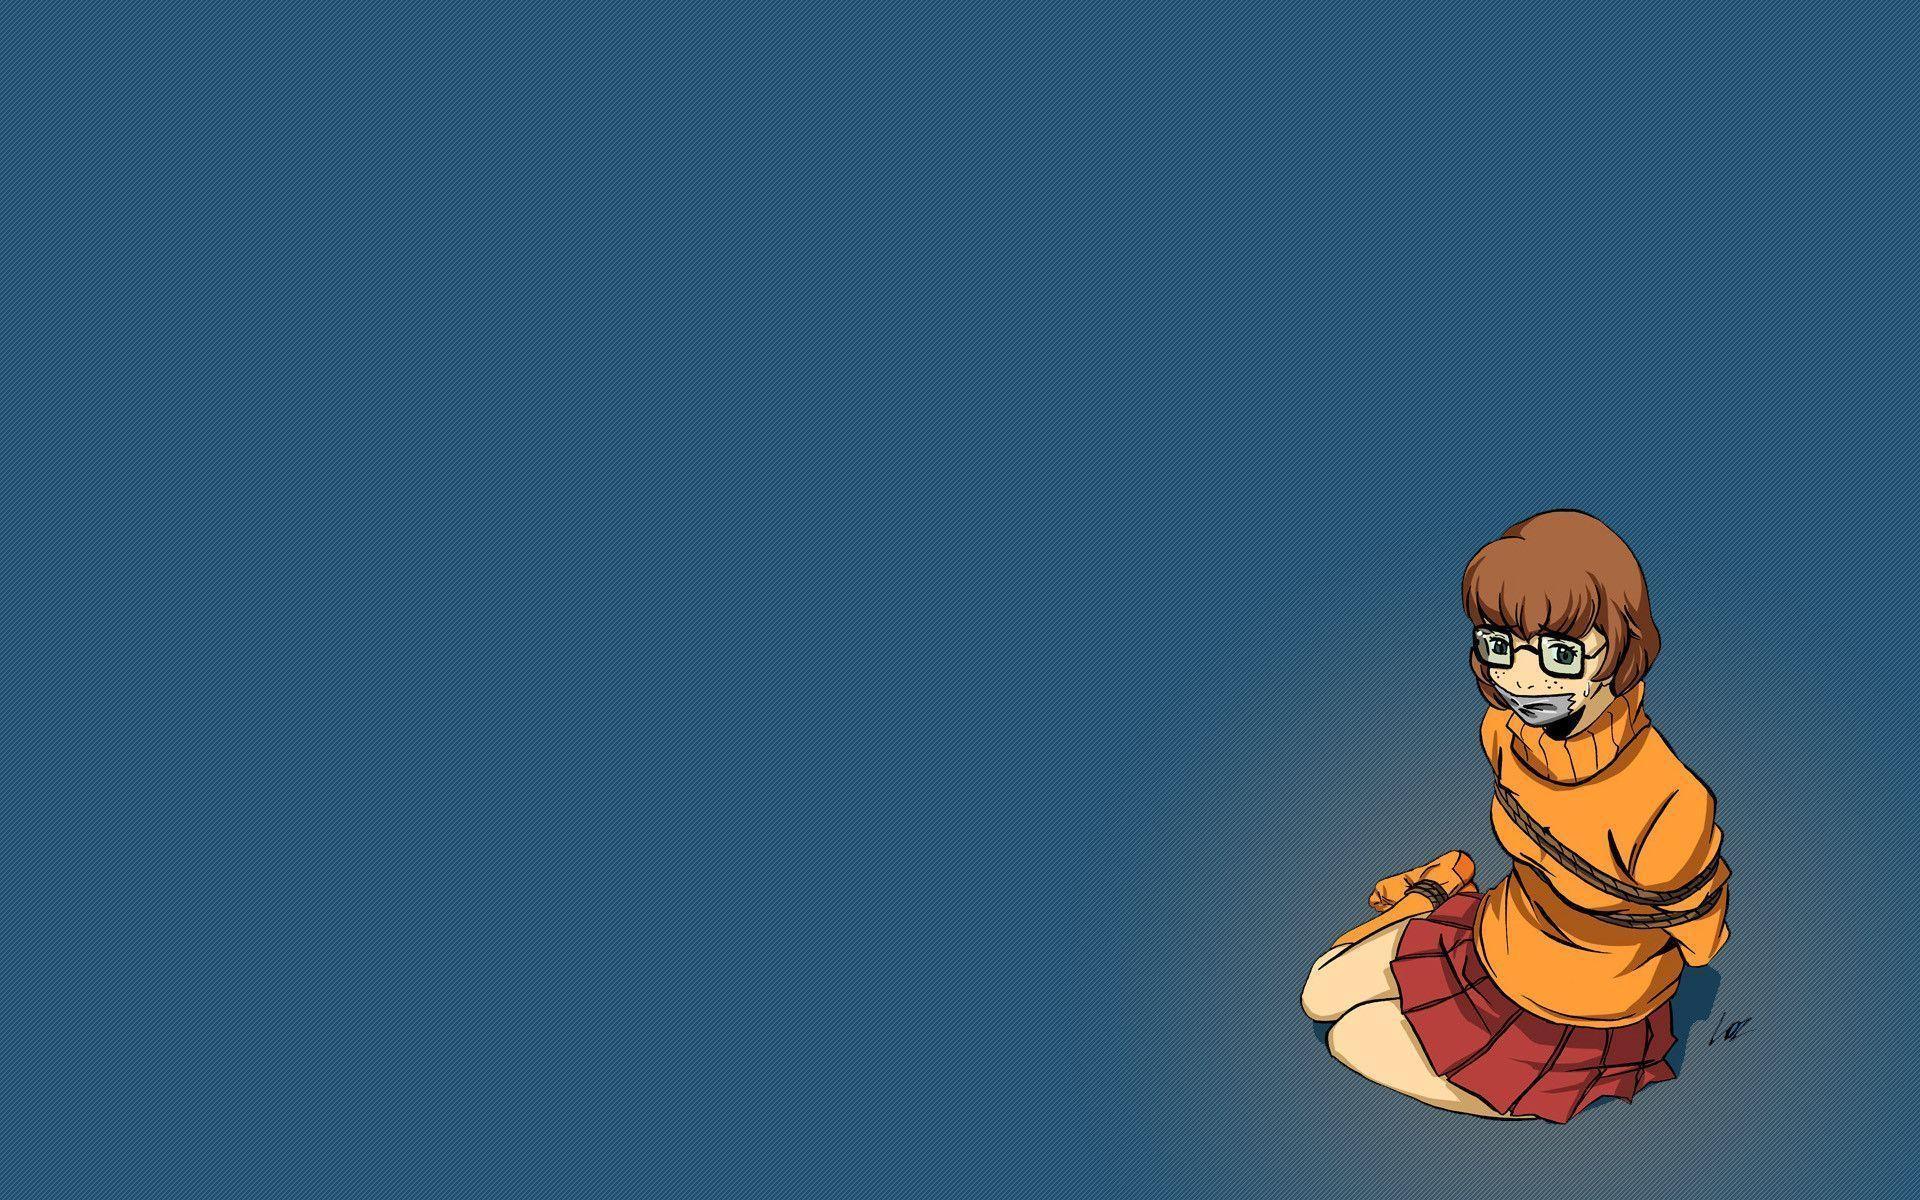 Scooby Doo Computer Wallpapers, Desktop Backgrounds 1920x1200 Id ..